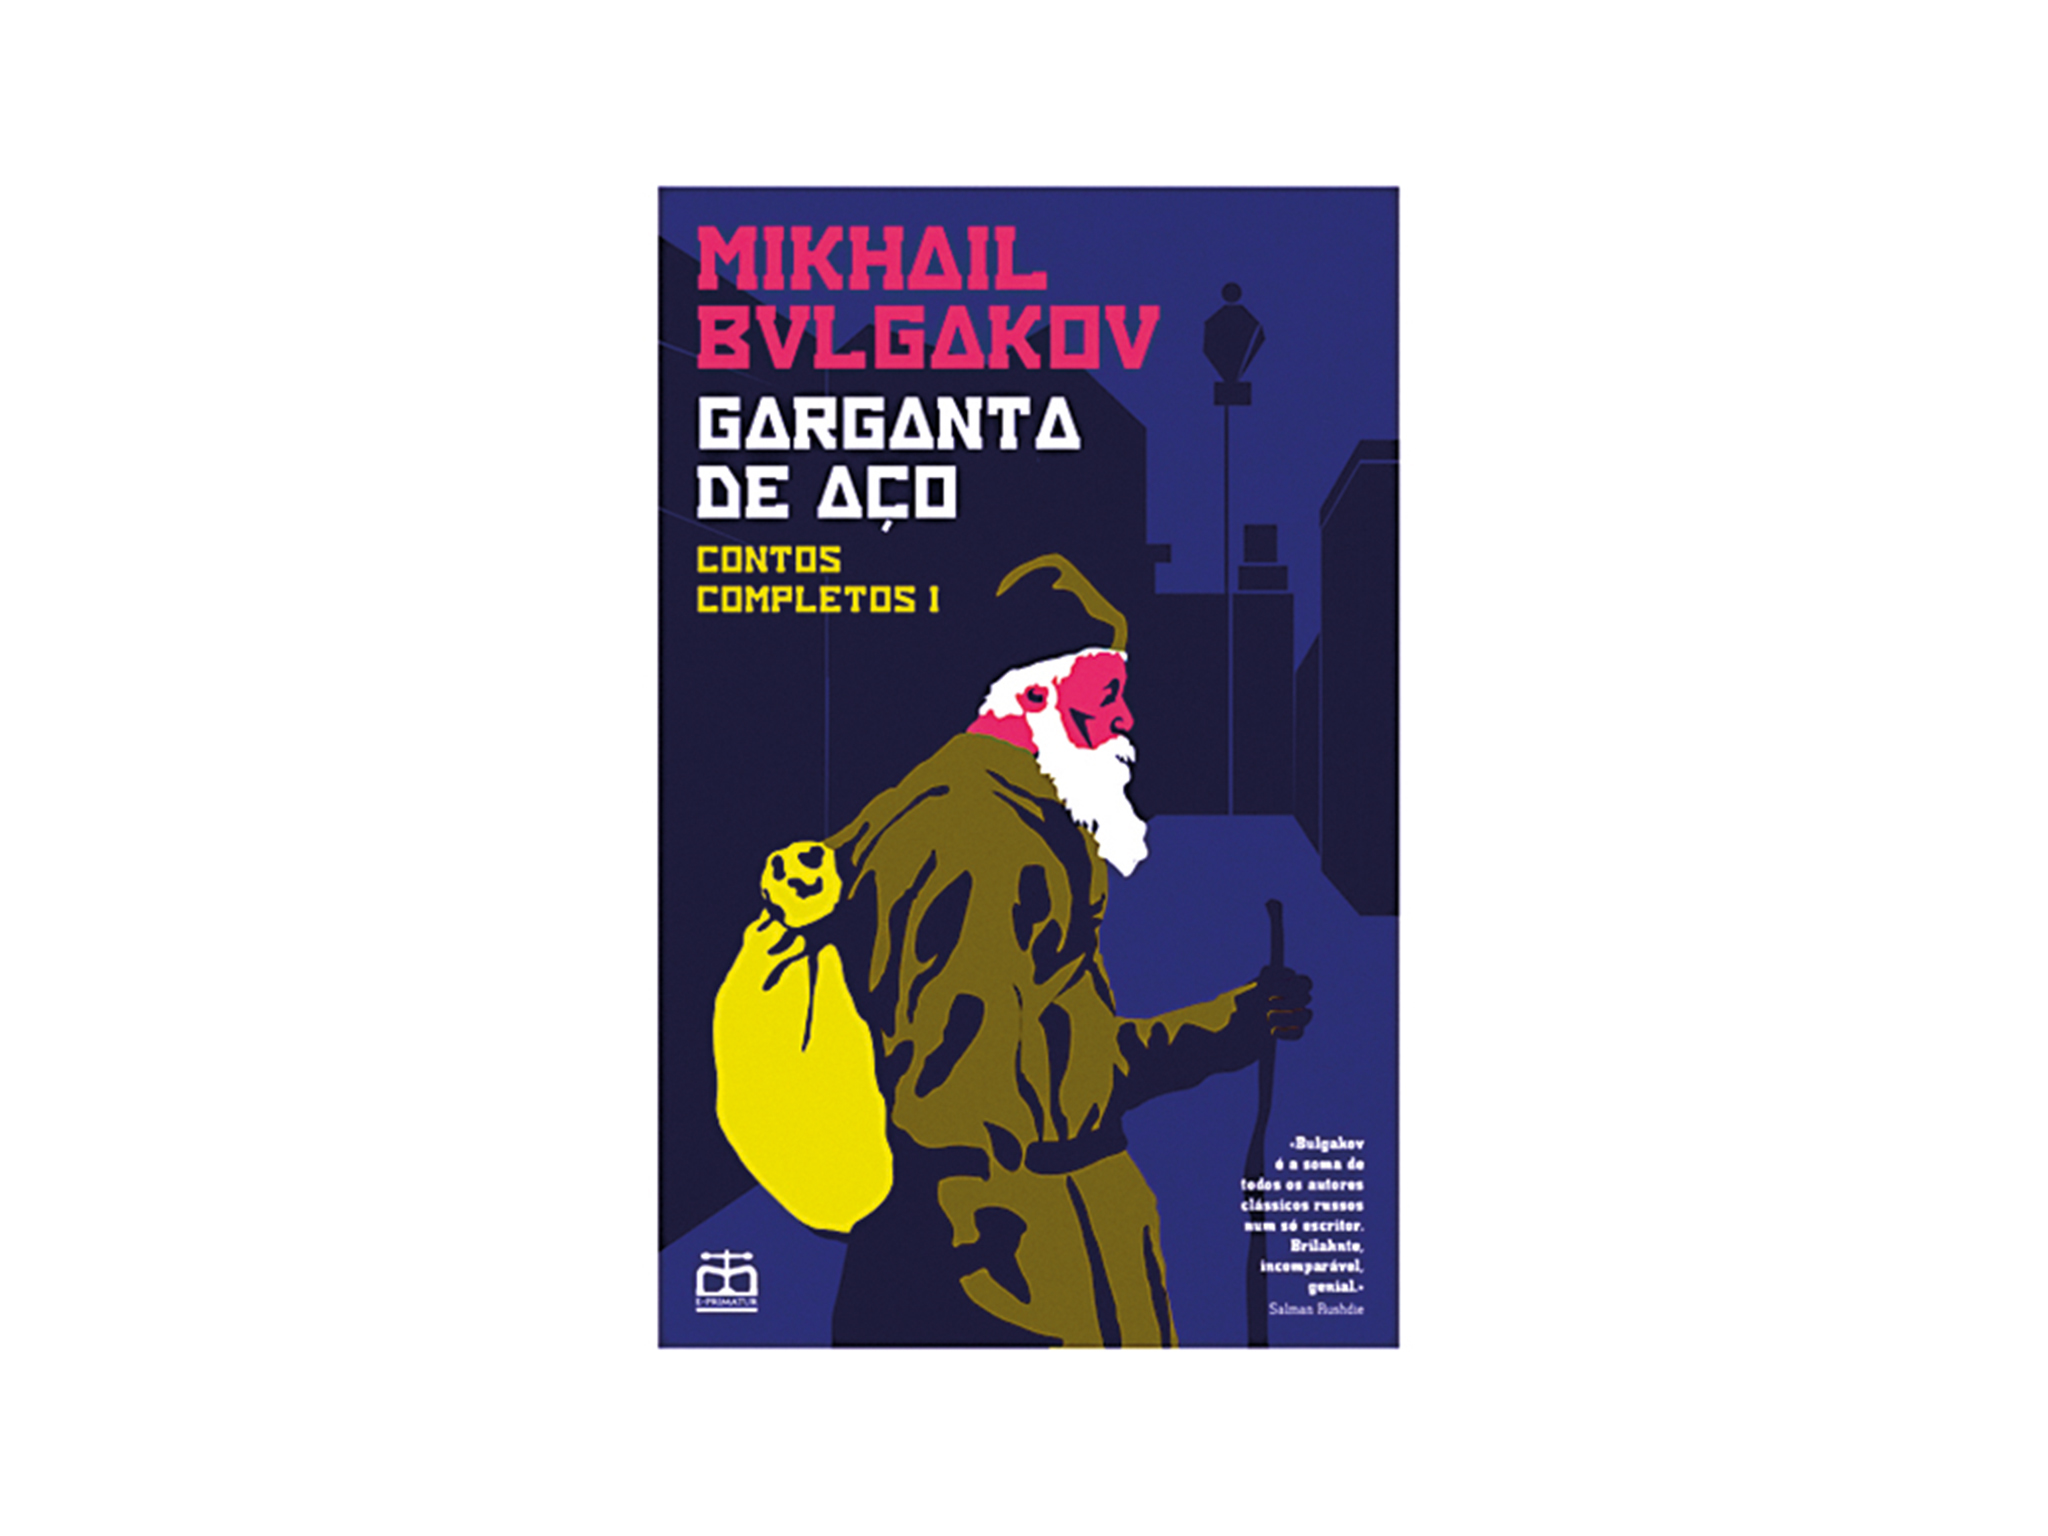 Livro, Garganta de Aço – Contos completos Vol. I, Mikhail Bulgakov, E-Primatur